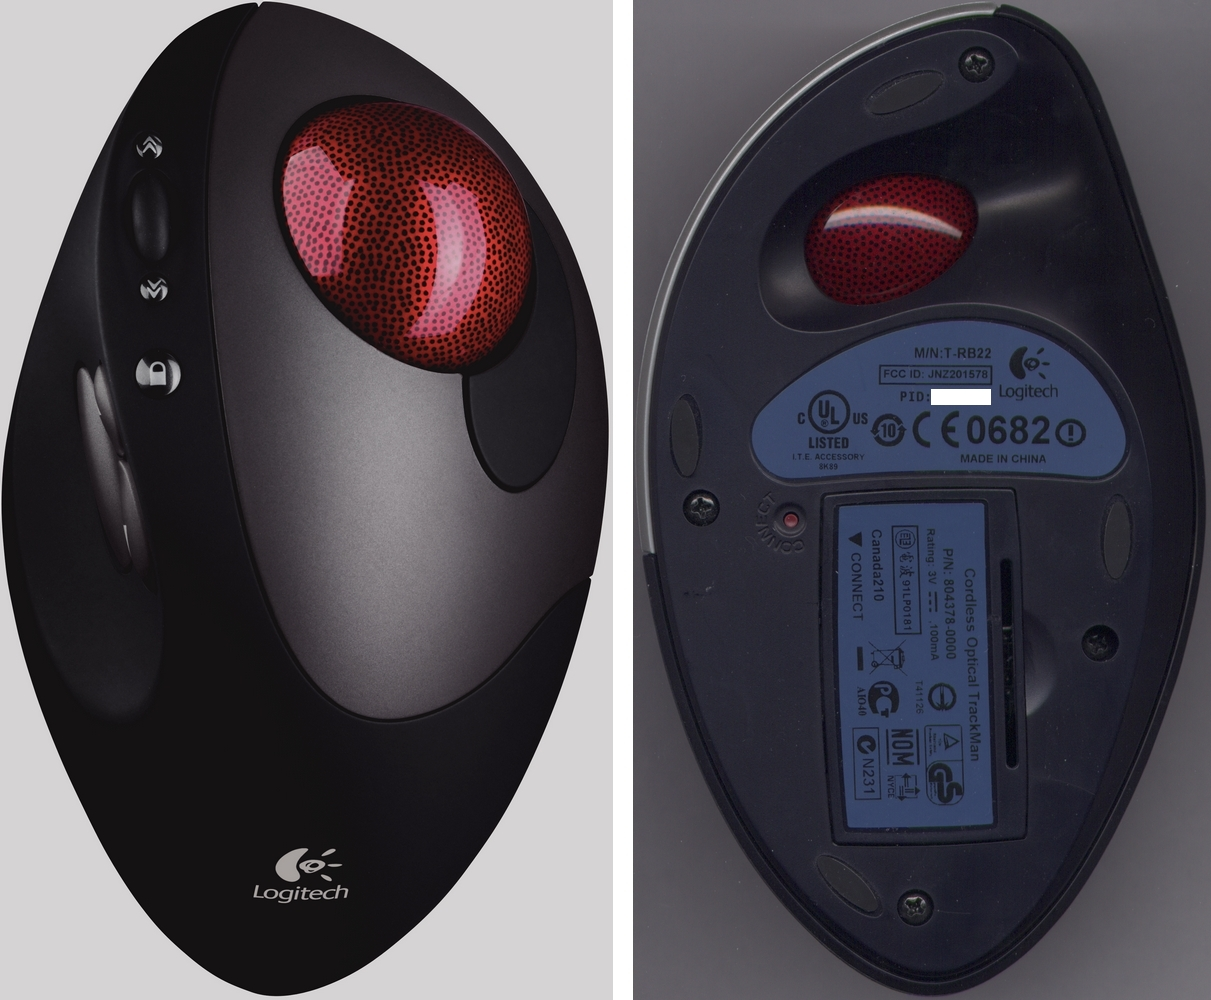 Logitech M-RCF112 Mouse SetPoint XP